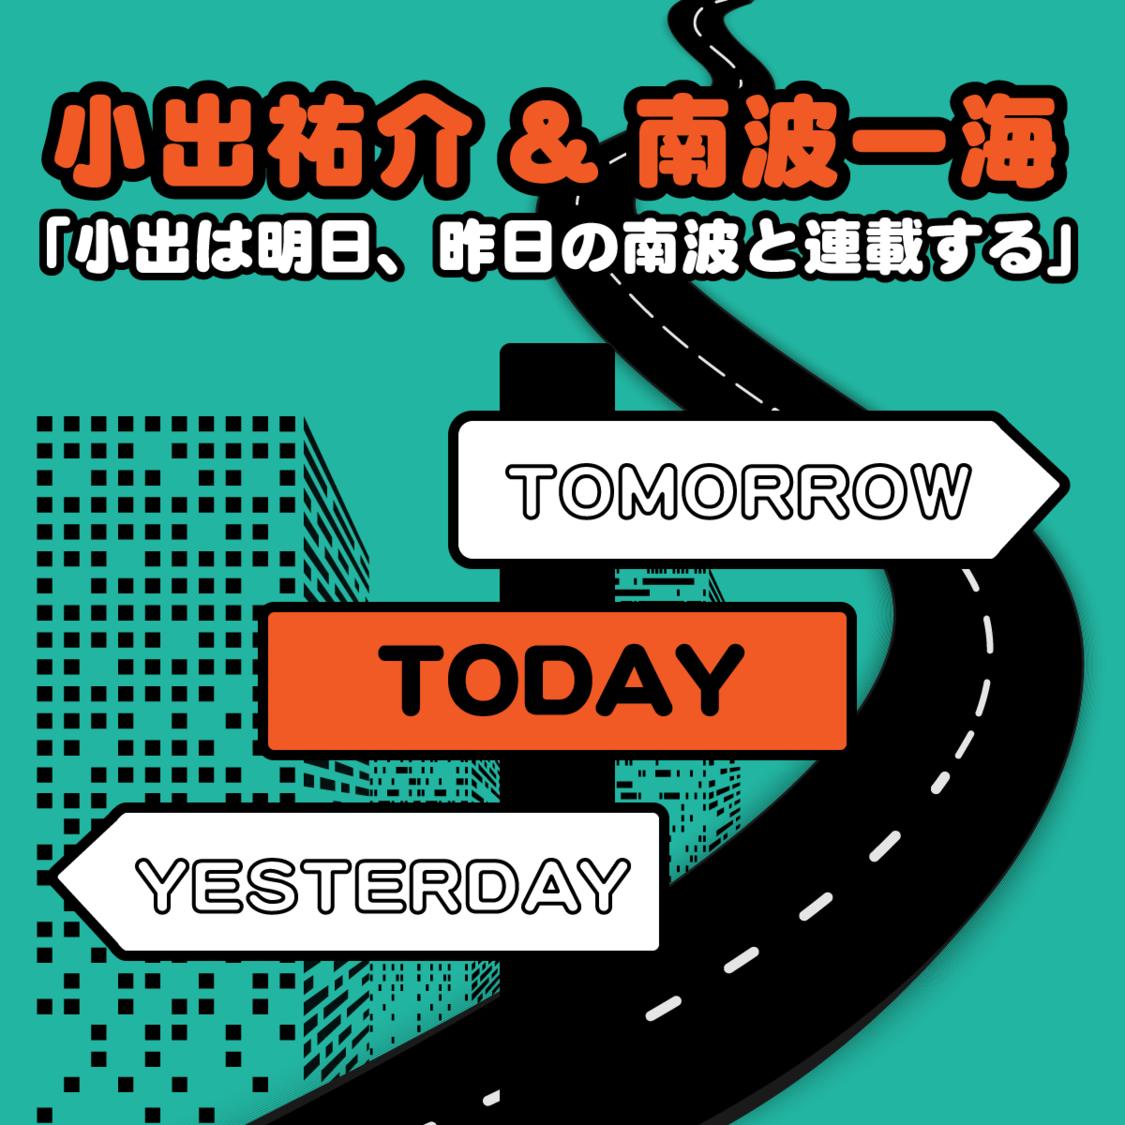 第28回:Negicco Nao☆の結婚発表〜小出祐介&南波一海「小出は明日、昨日の南波と連載する」〜